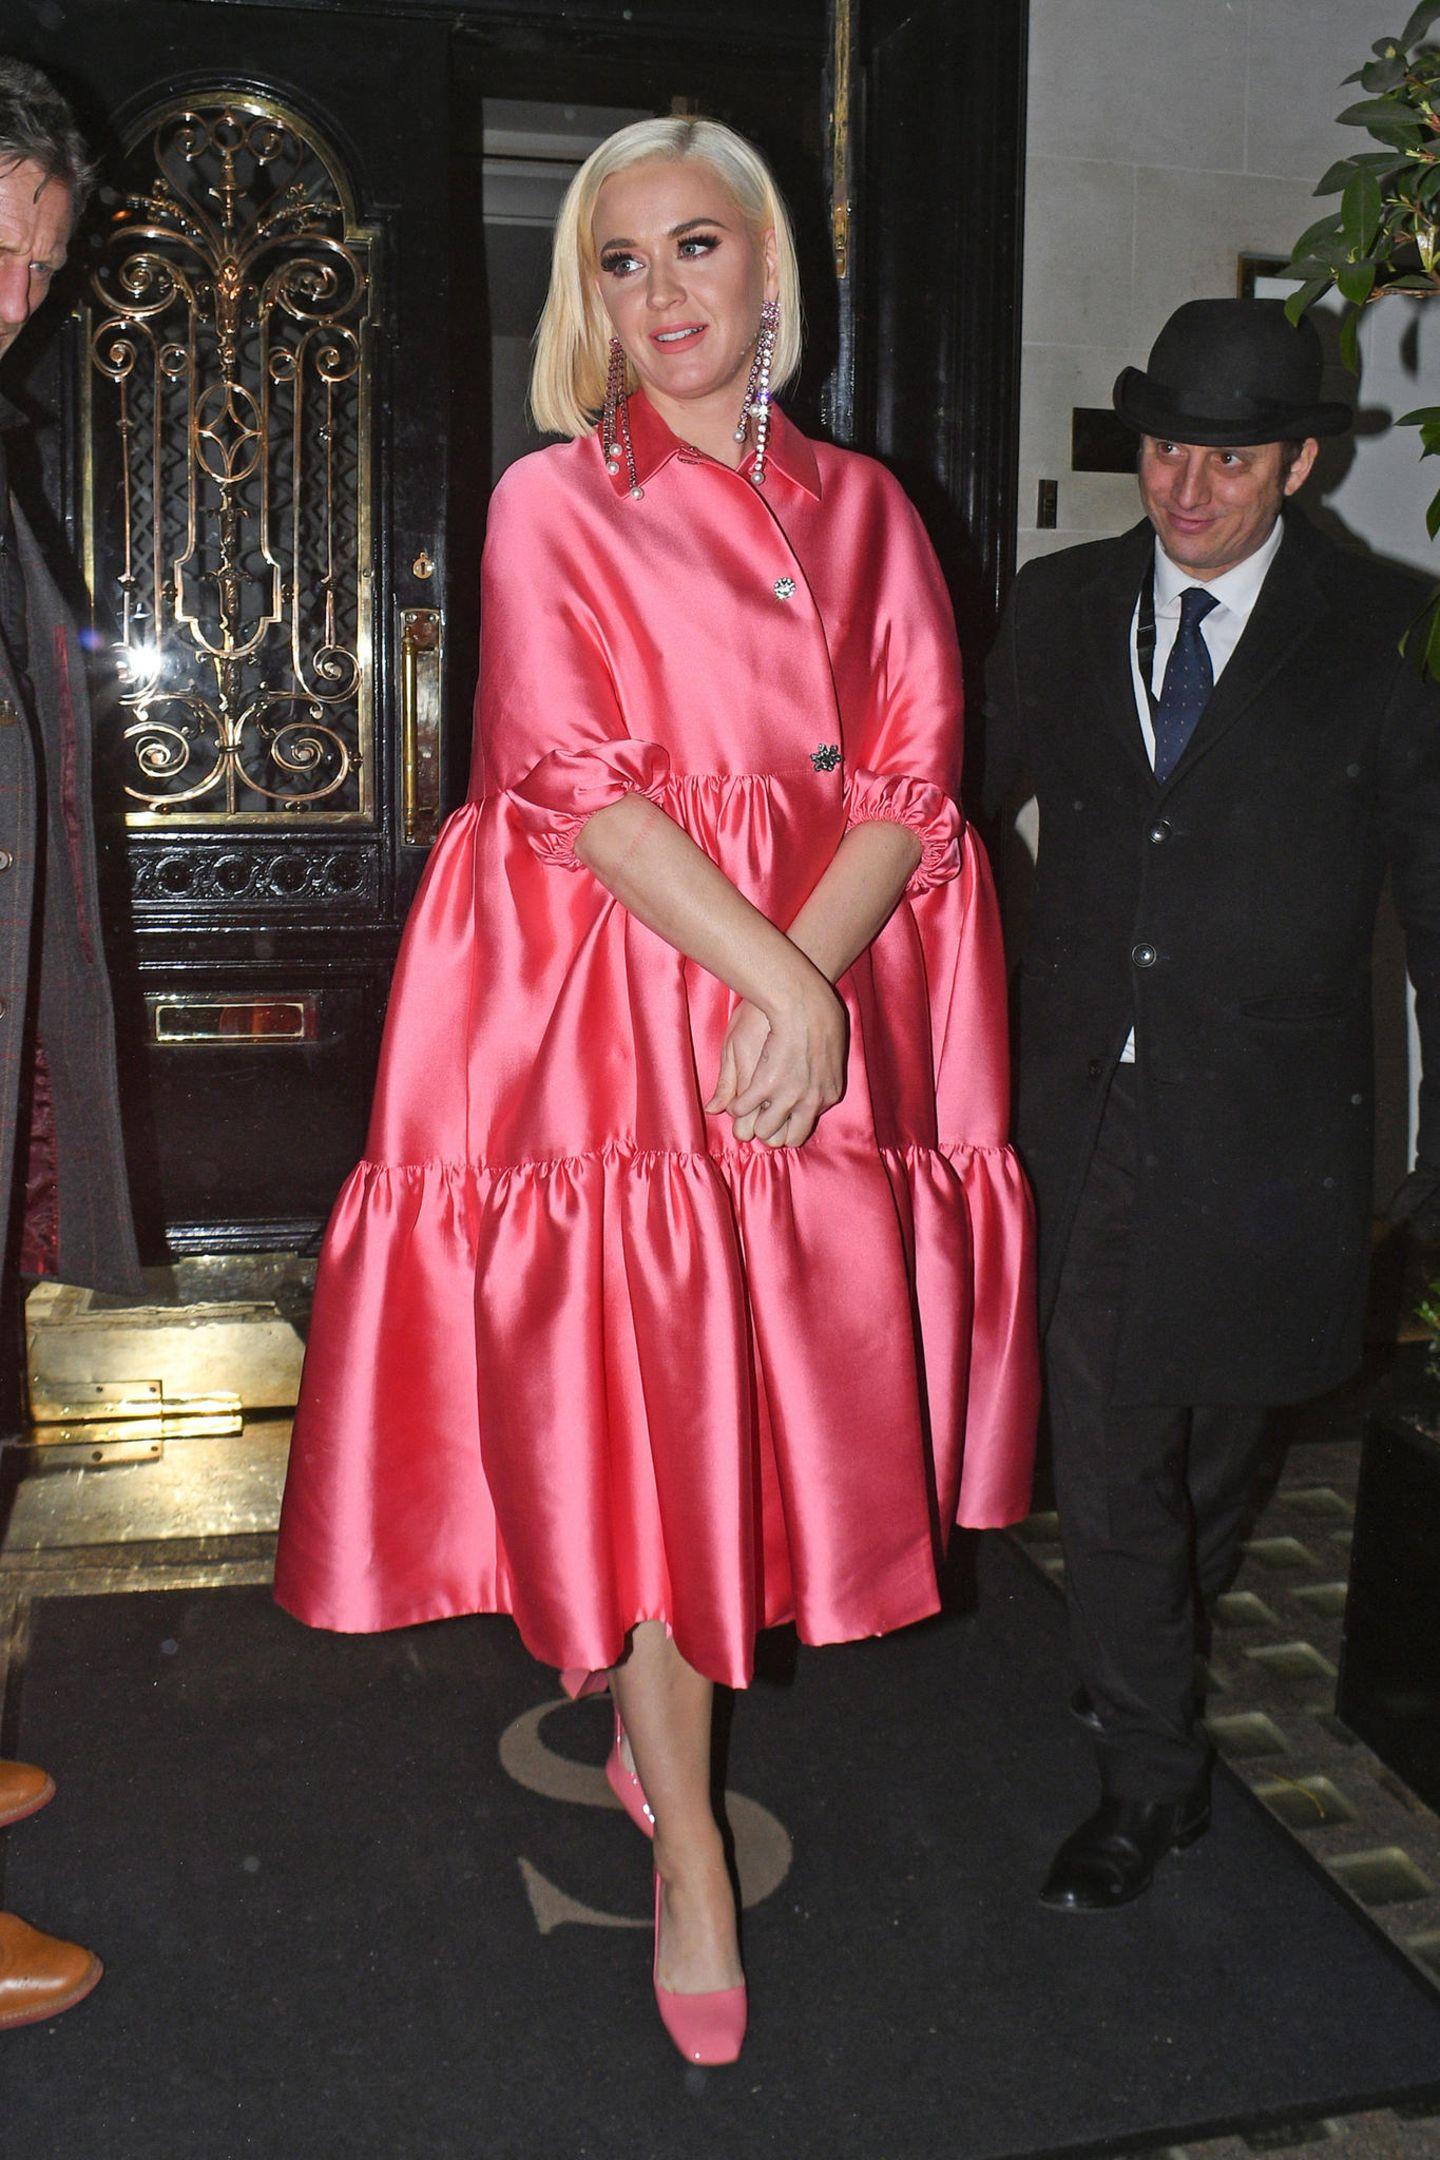 Pinker geht es wohl nicht. Katy Perry macht London in einem hochwertigen Barbie-Outfit unsicher. Der Look, bestehend aus Off-shoulder-Kleid und Mantel von Lela Rose und pinken Lack-Pumps von Prada harmoniert ungemein mit ihremplatinblonden Haar. Perfektioniert wird der Barbie-Style durch die XXL-Strassohrringe von Christopher Kane.